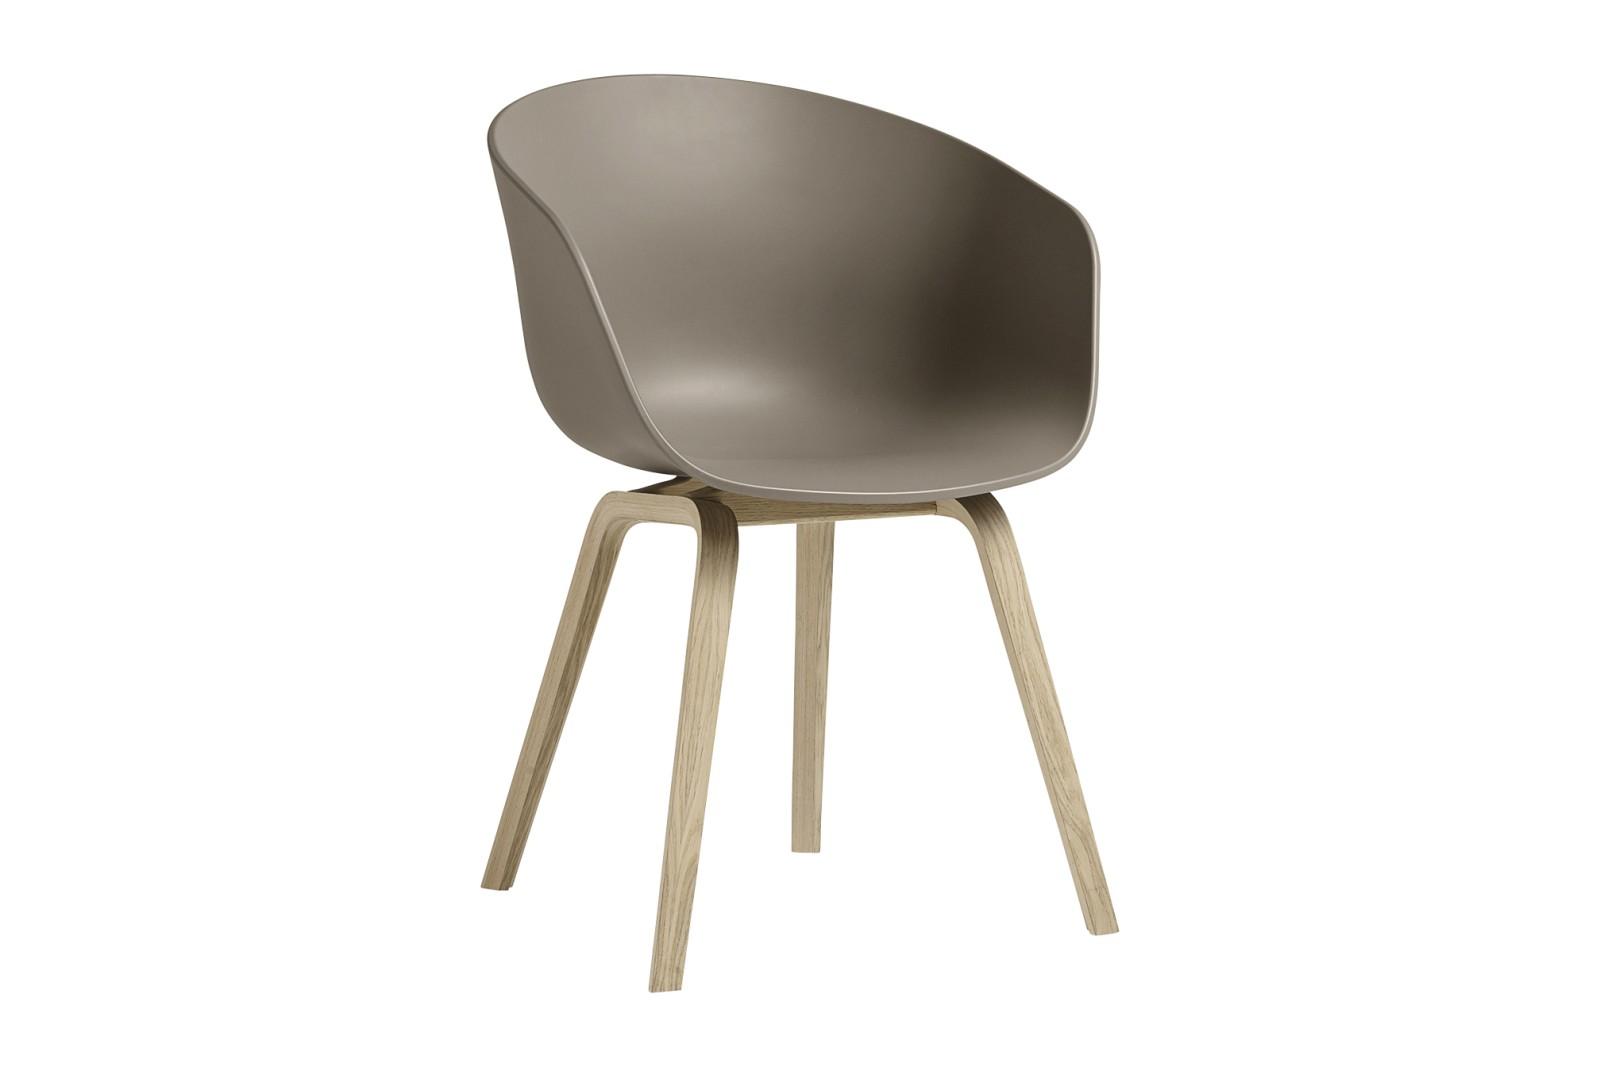 About A Chair AAC22 Khaki Seat, Matt Lacquered Oak Base